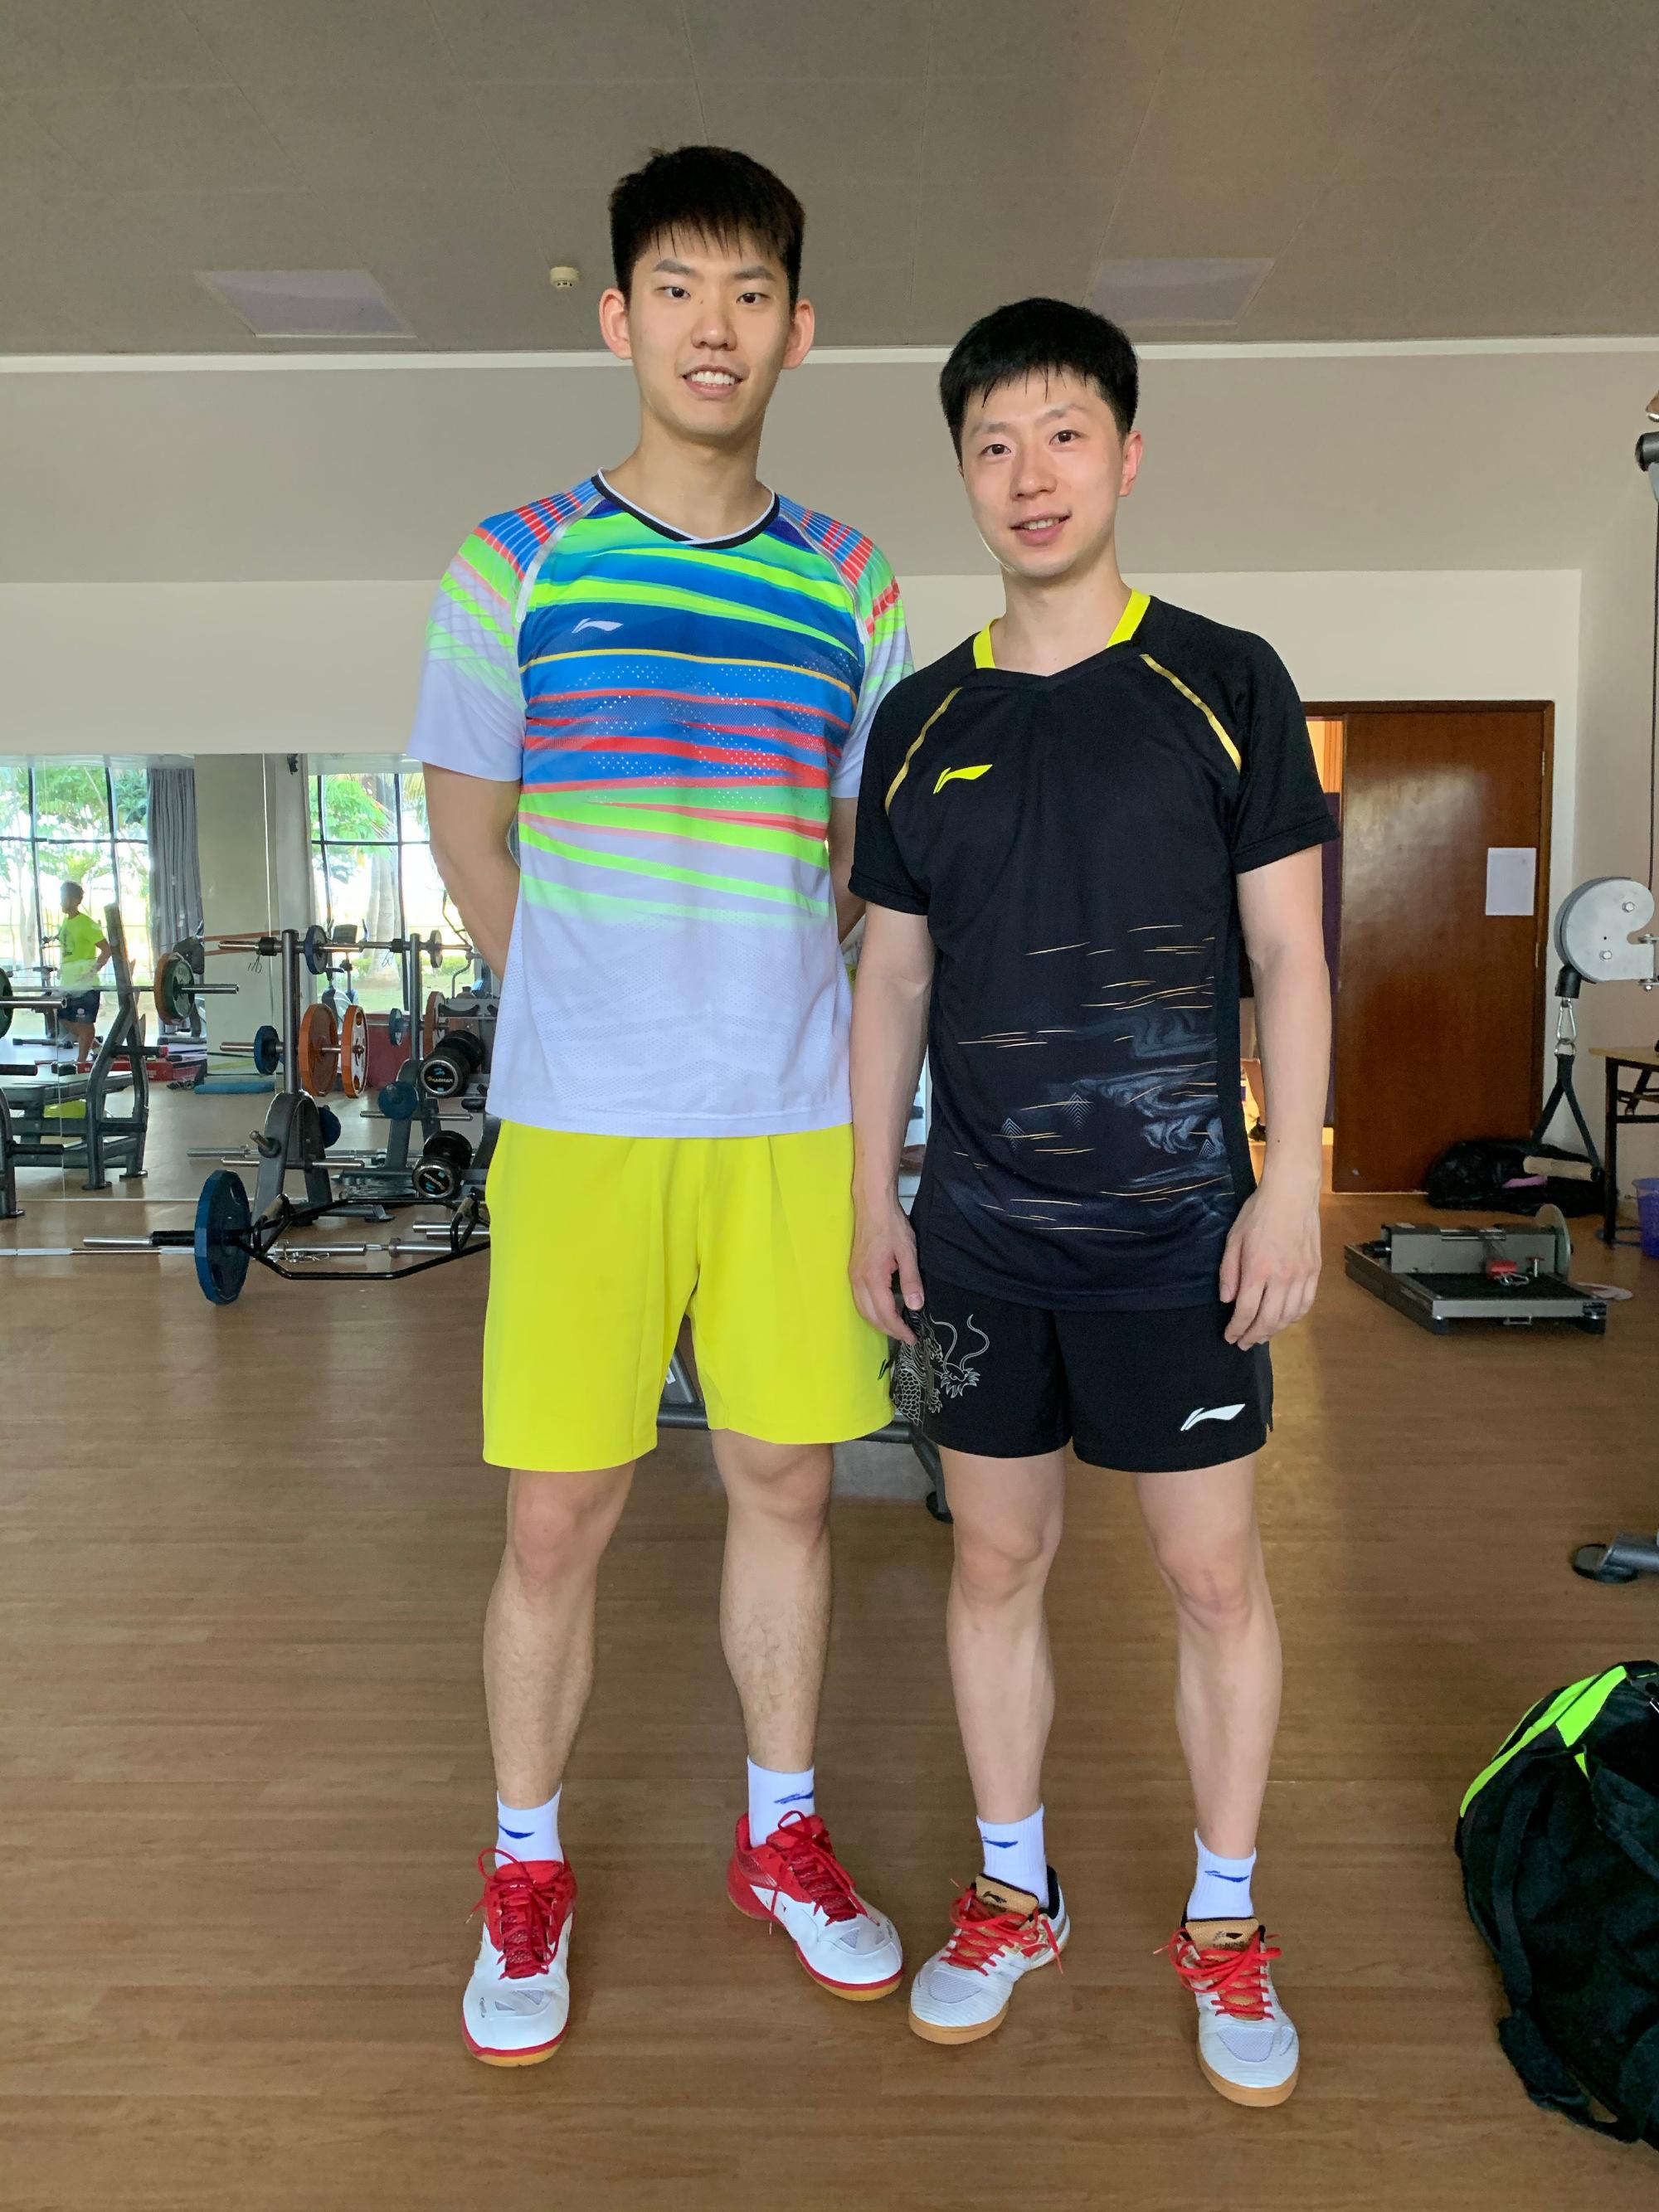 刘雨辰和马龙合影。